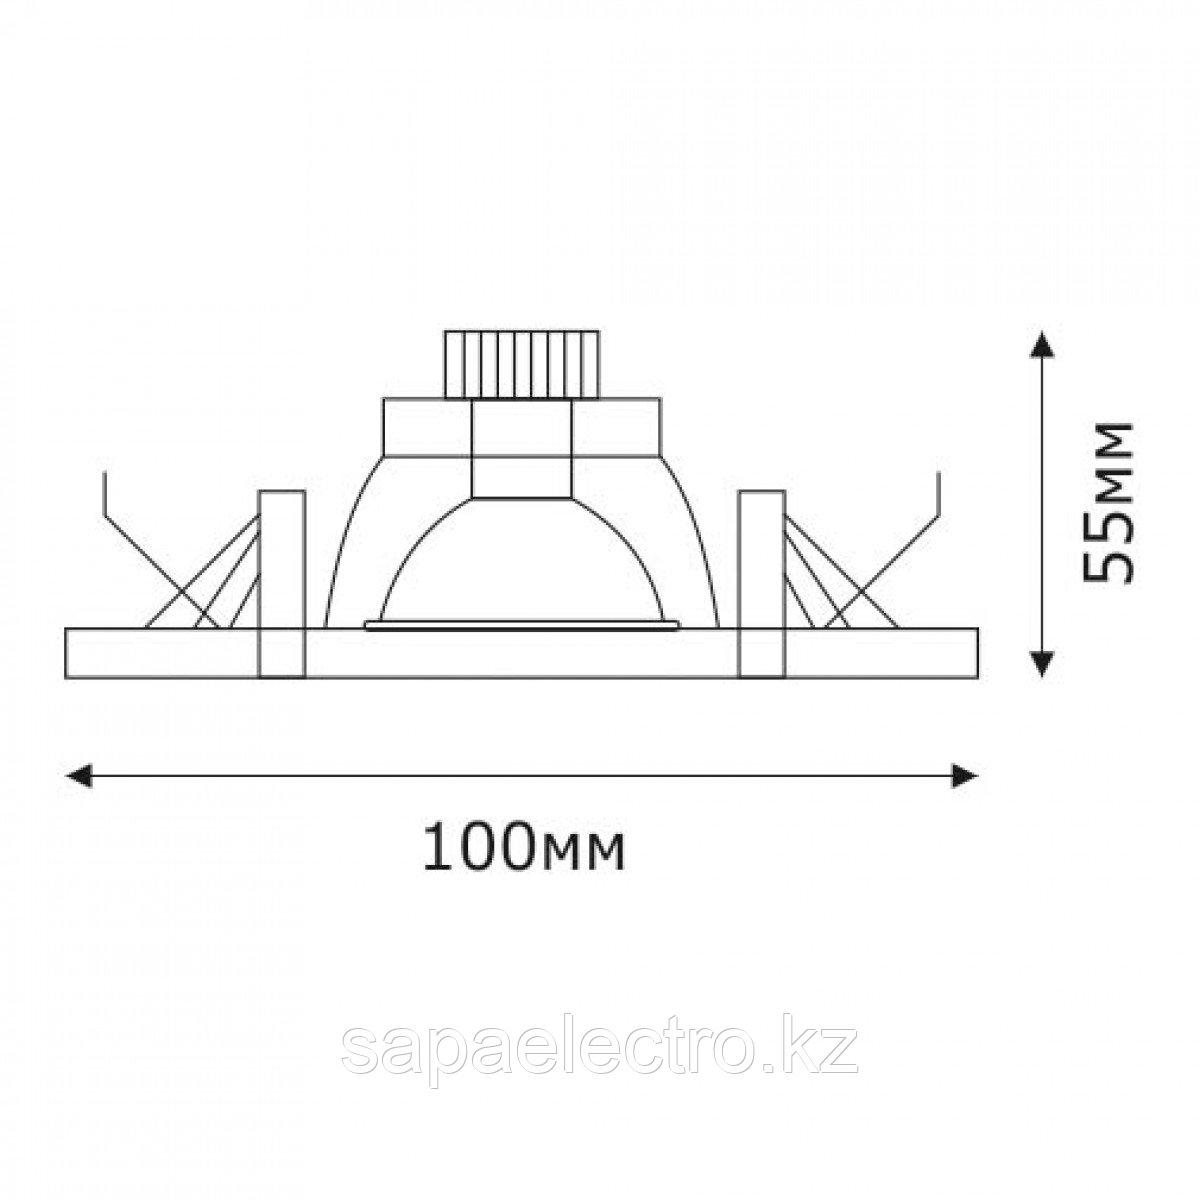 Спот LED TC-05 ROUND 3W 5000K (TS) 60шт